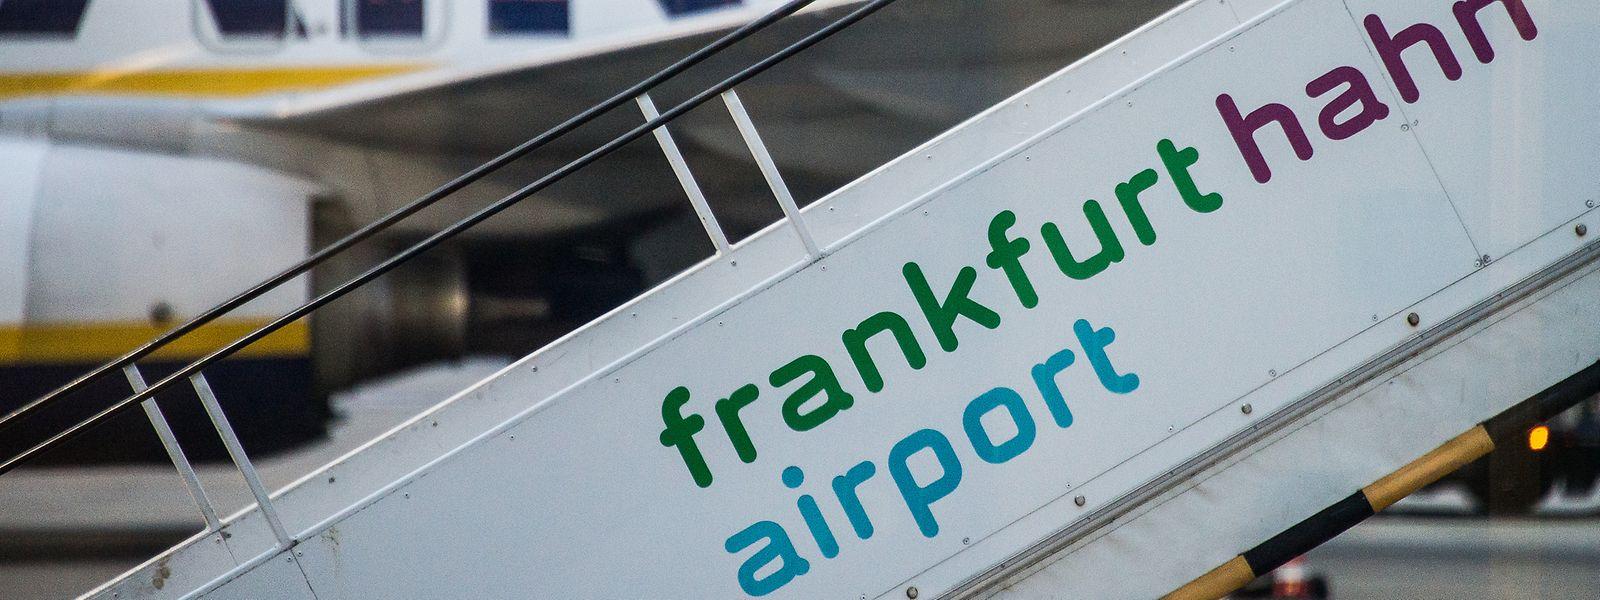 Der Hunsrück-Flughafen Hahn hat 2017 einen Fehlbetrag von 17,2 Millionen Euro verbucht - nach 14,1 Millionen Euro im Vorjahr.